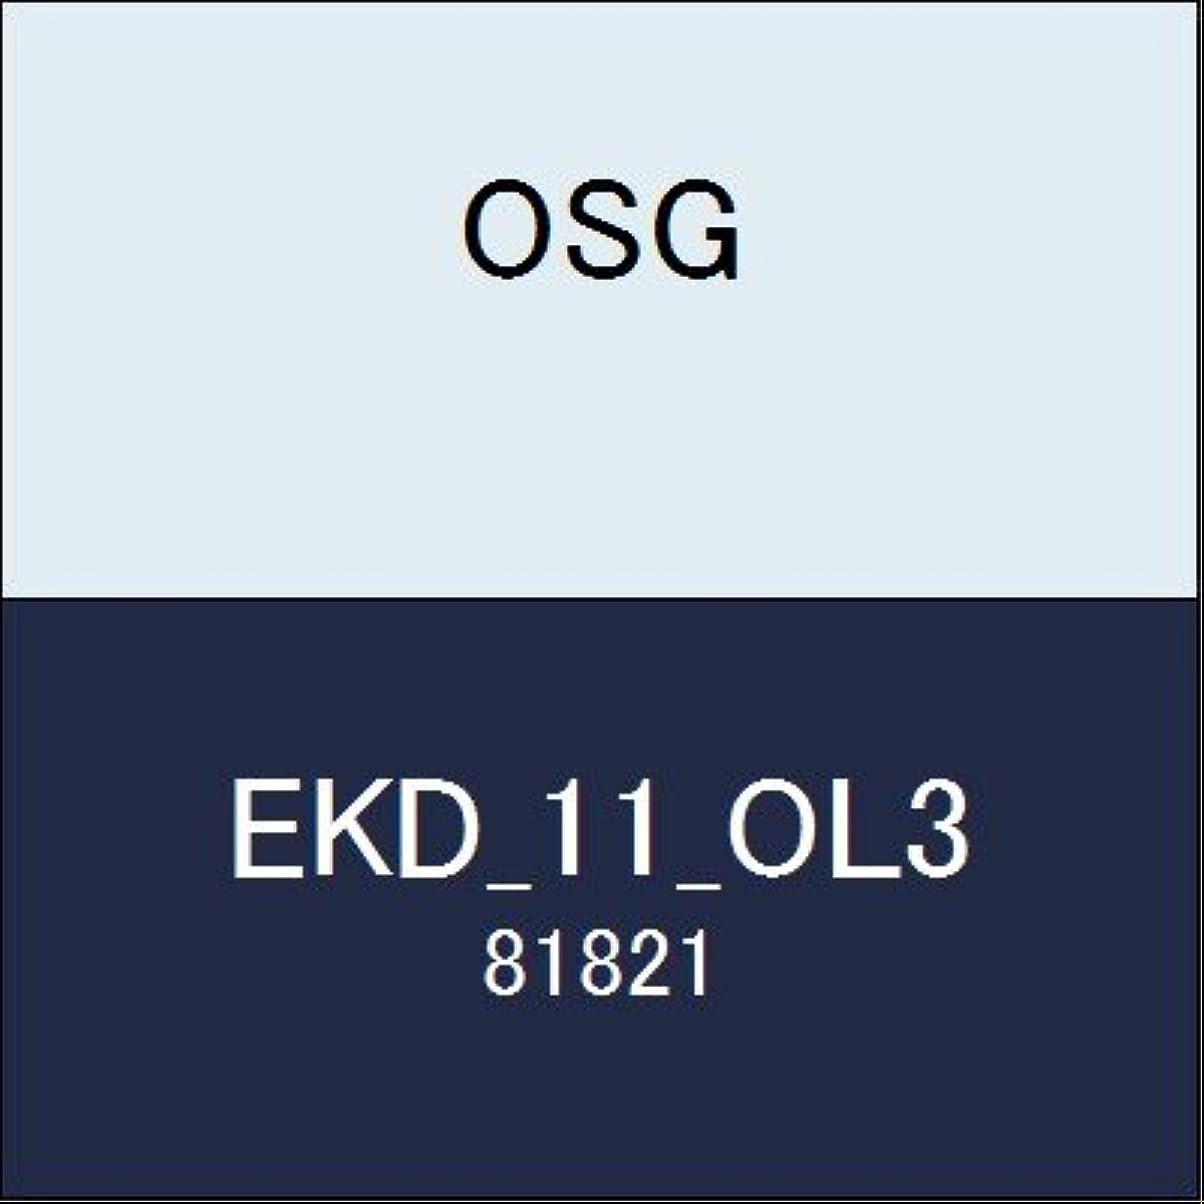 打ち負かす達成する卵OSG キーミゾ用エンドミル EKD_11_OL3 商品番号 81821